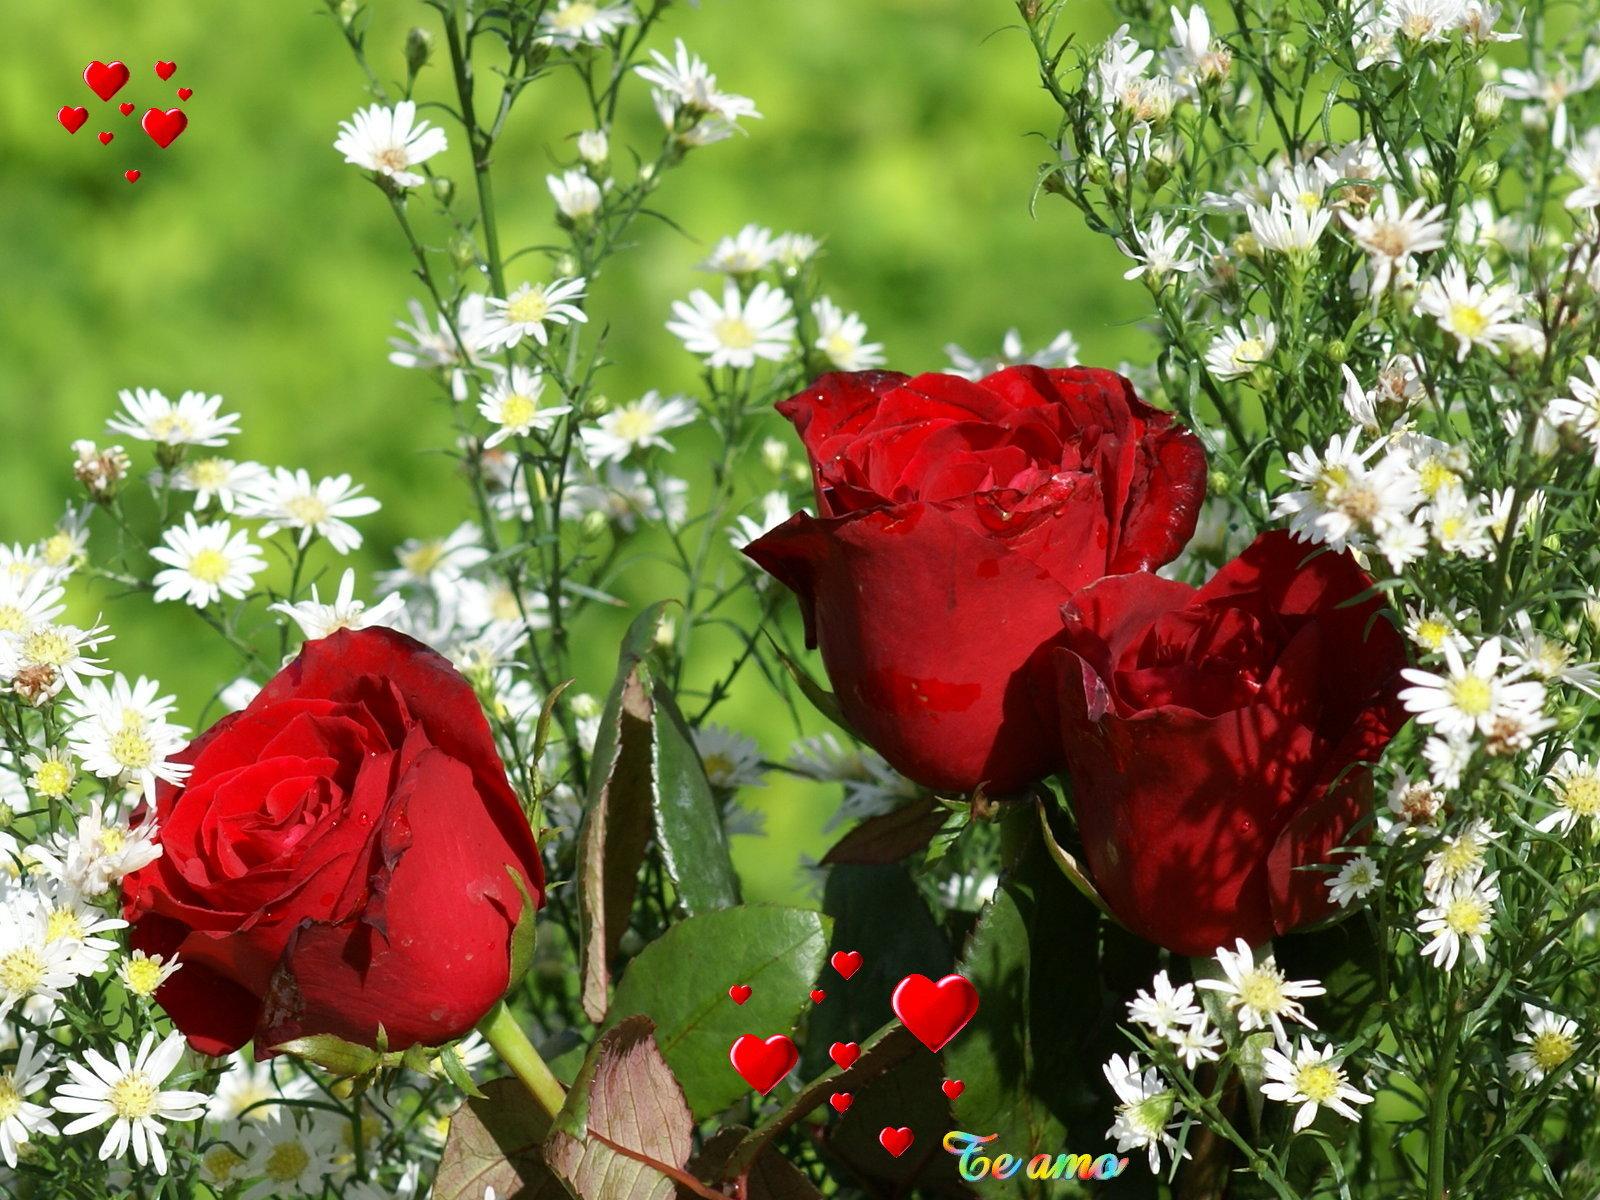 Fondos corazones y rosas amor